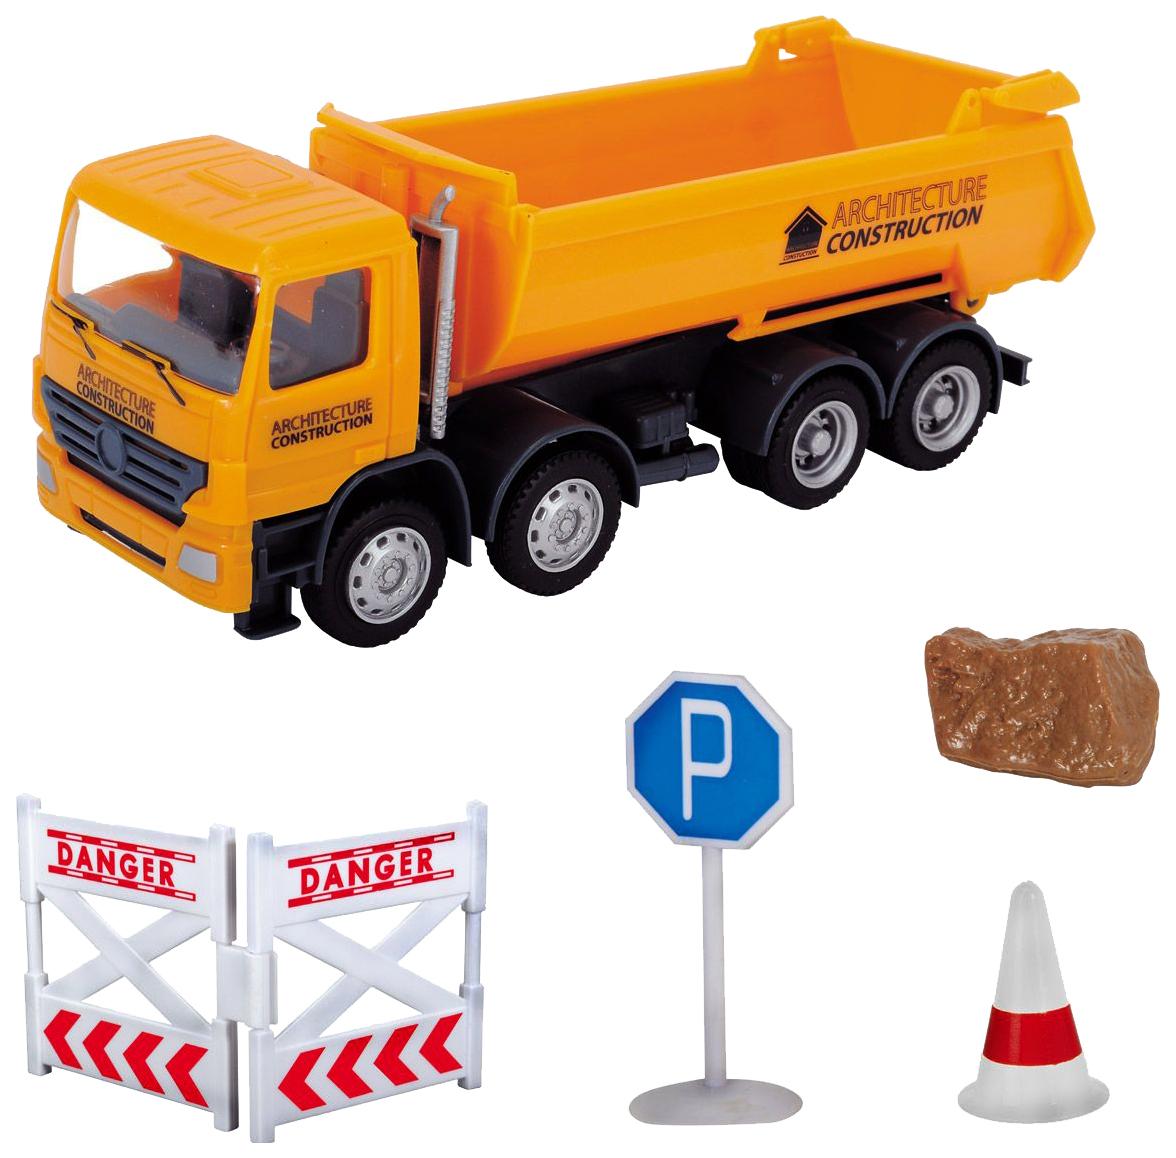 Купить Спецтехника Dickie Toys Construction дорожная техника 3342005, Строительная техника